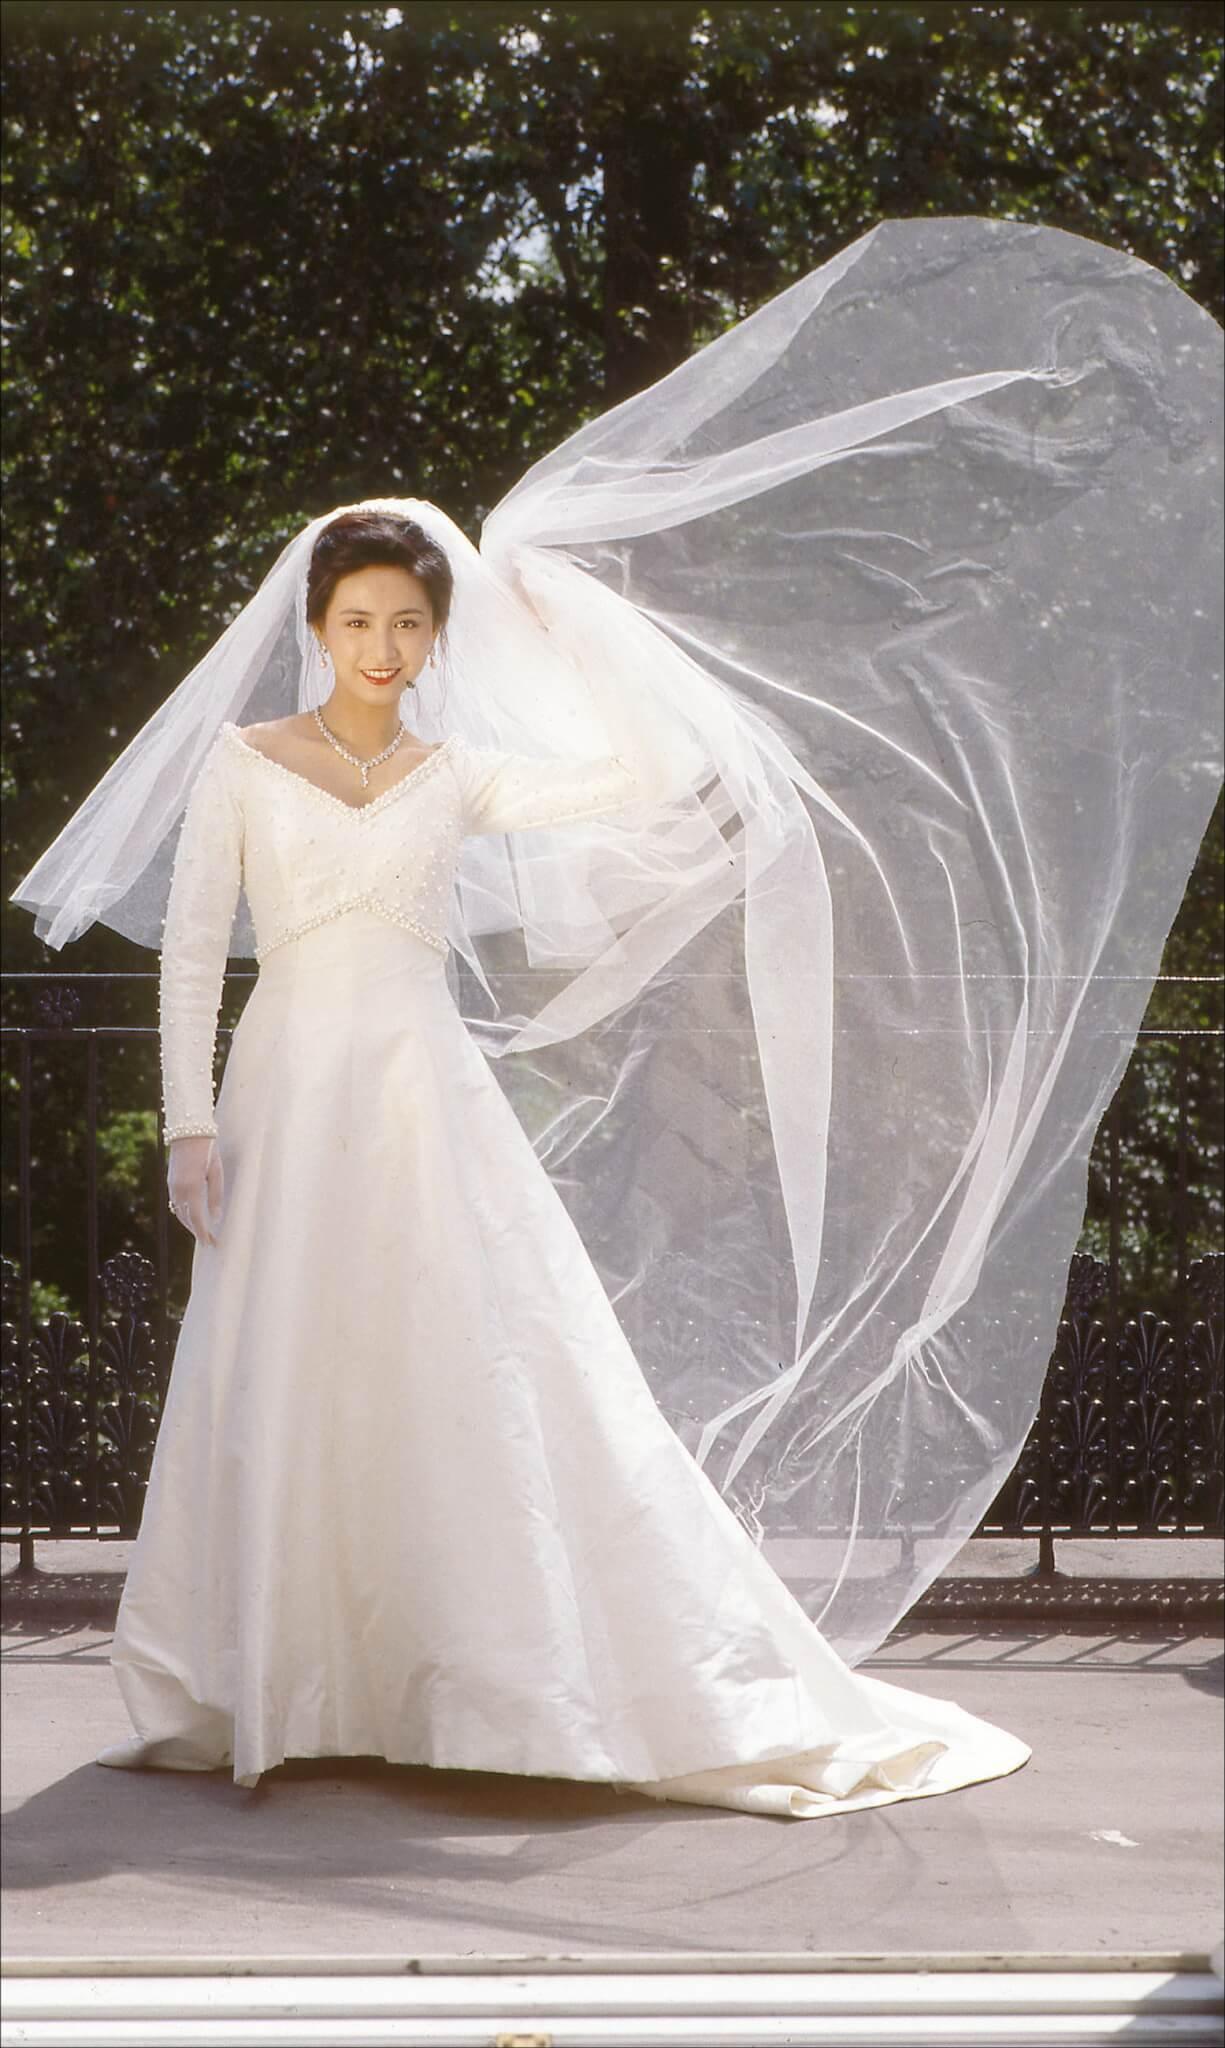 吳婉芳與胡家驊於1993年6月結婚,其婚紗出自92年全英最佳設計師Catherine Walker手筆,婚紗照在胡家的倫敦別墅拍攝。